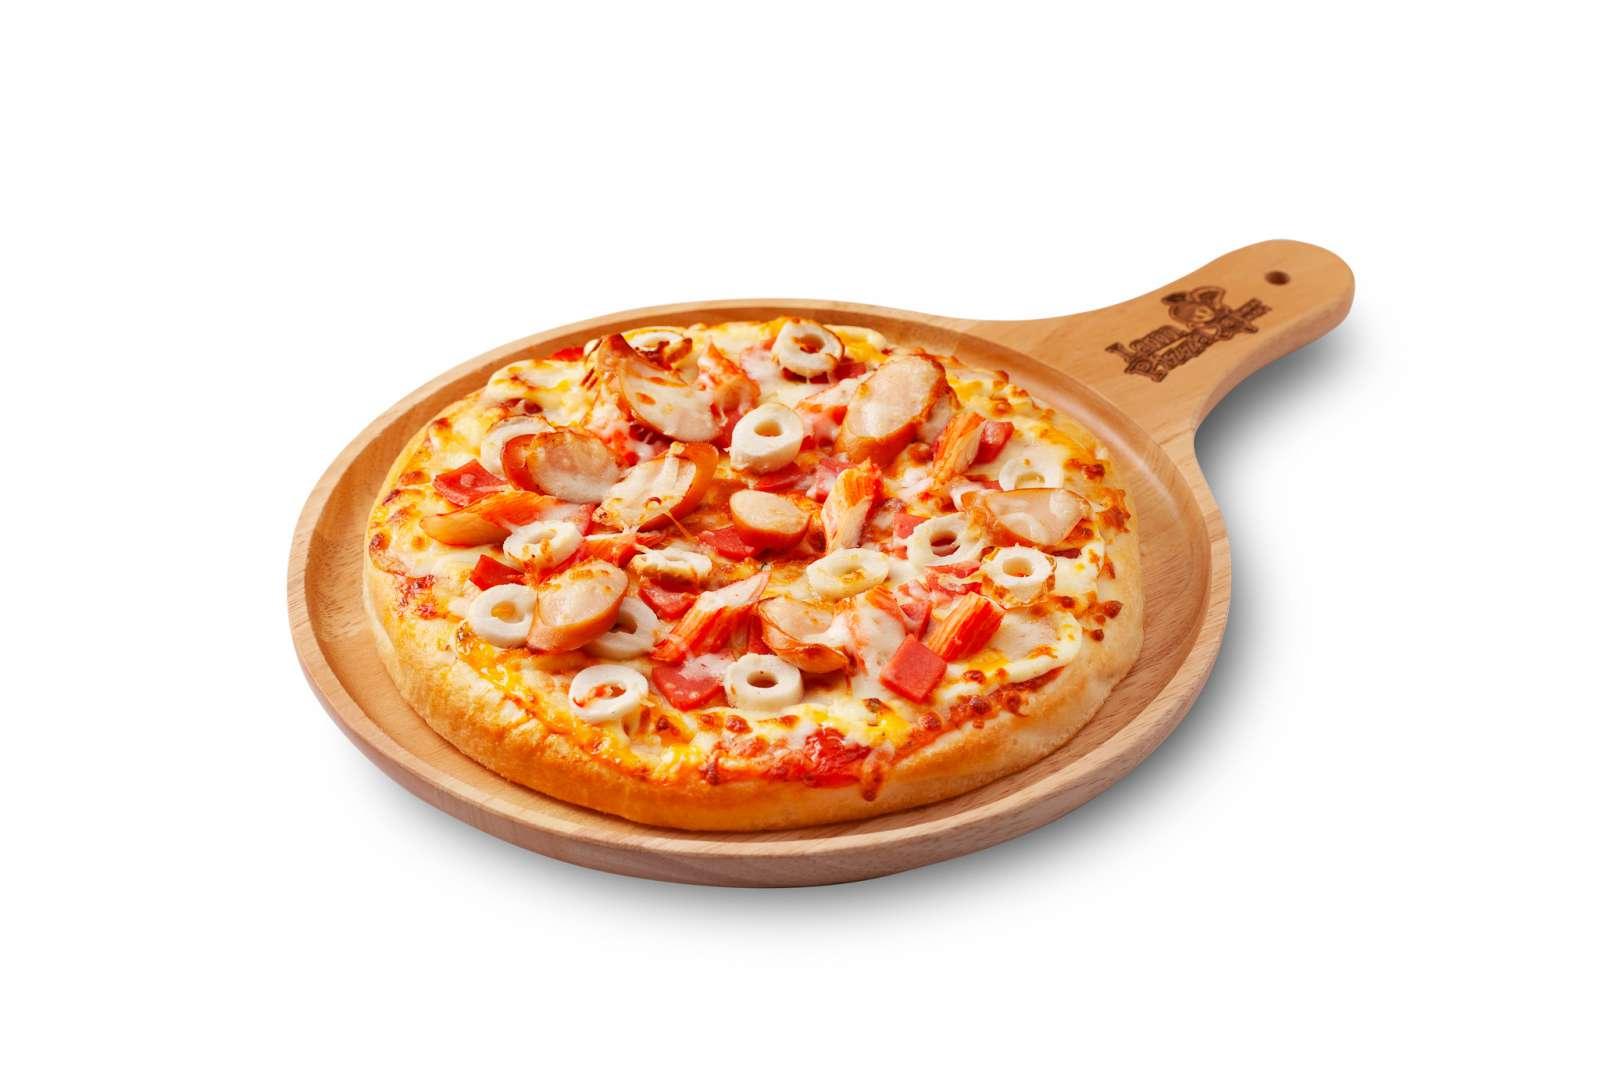 พิซซ่าหน้ามิกซ์สเปเชี่ยล (Pizza Mixed Special)